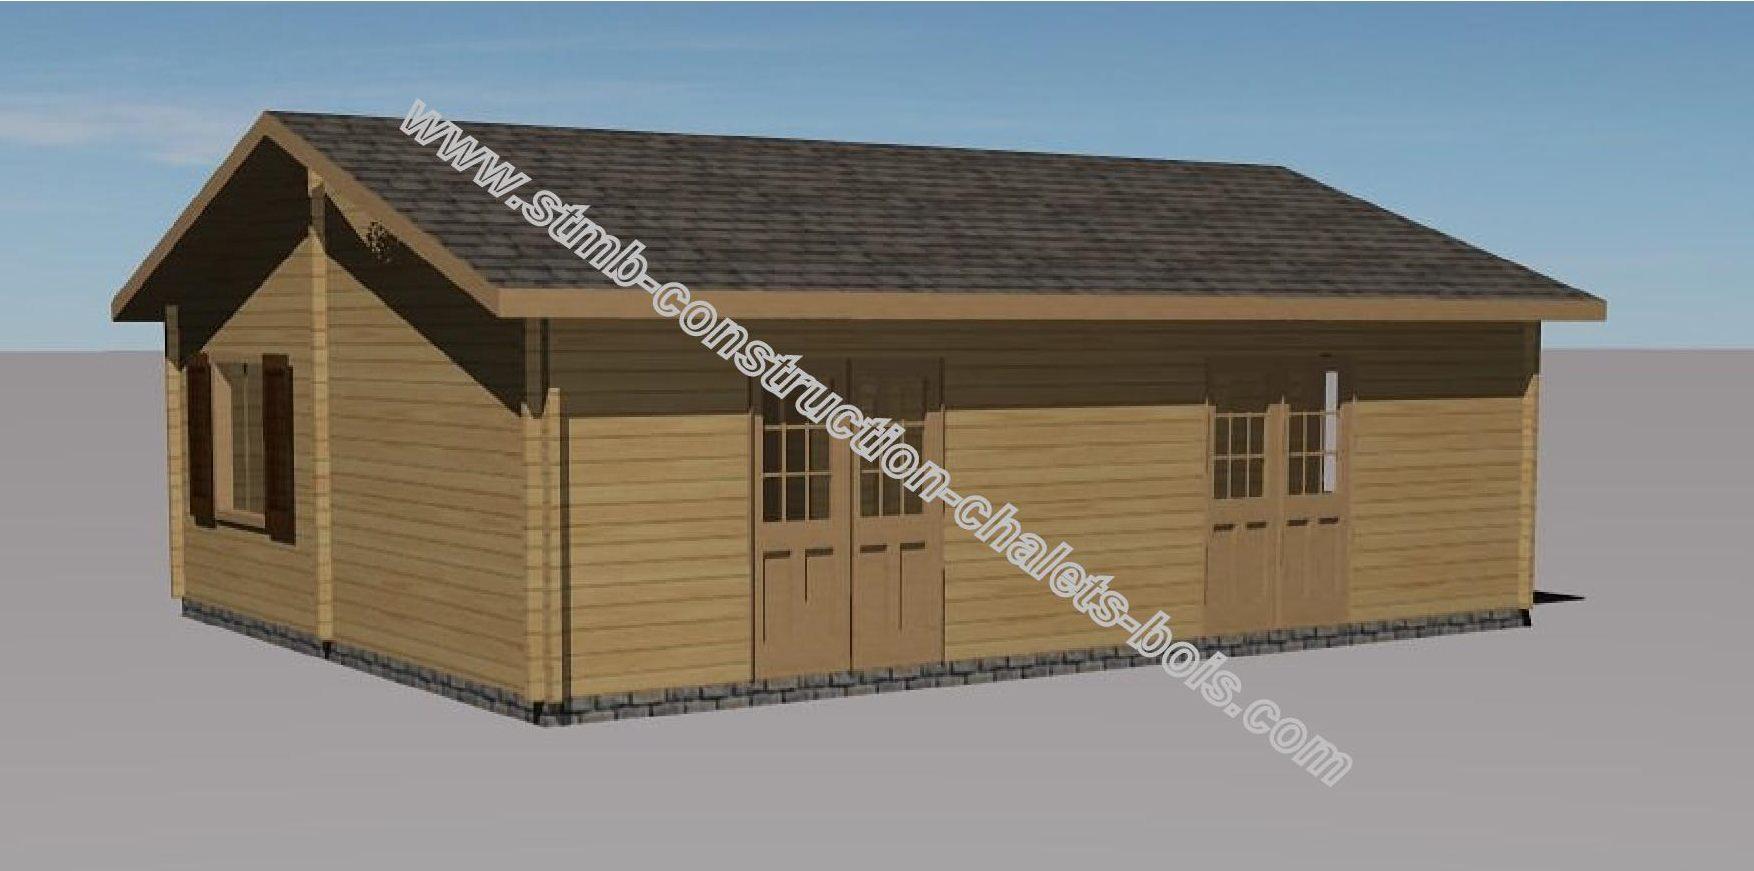 Chalet en bois habitable toulon de 49 m2 en madriers massifs for Cabanon en bois habitable